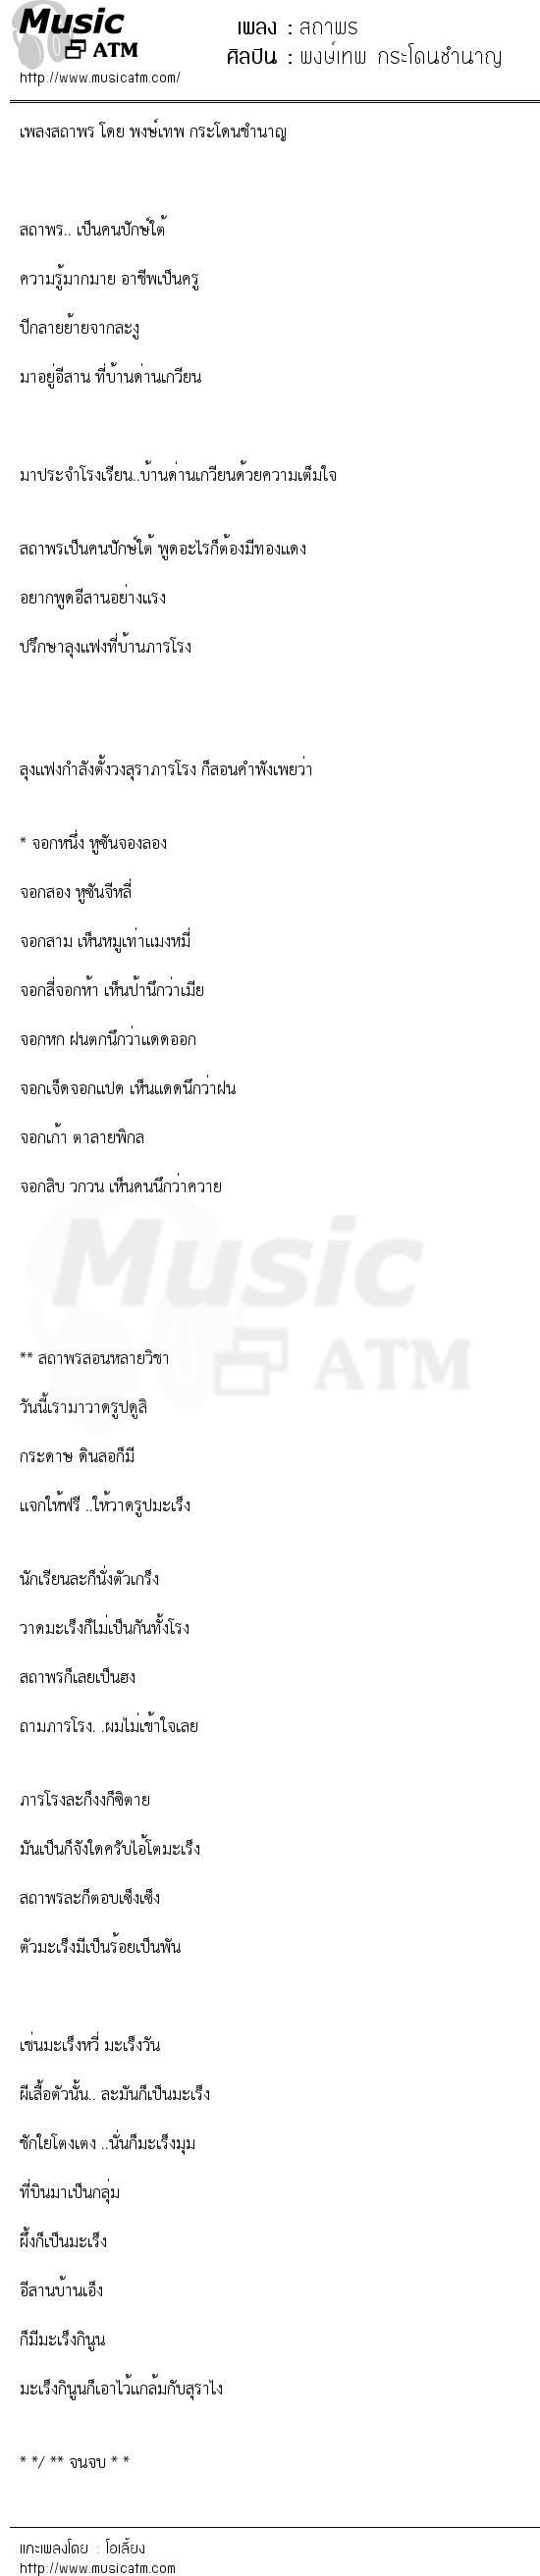 เนื้อเพลง สถาพร - พงษ์เทพ กระโดนชำนาญ   เพลงไทย